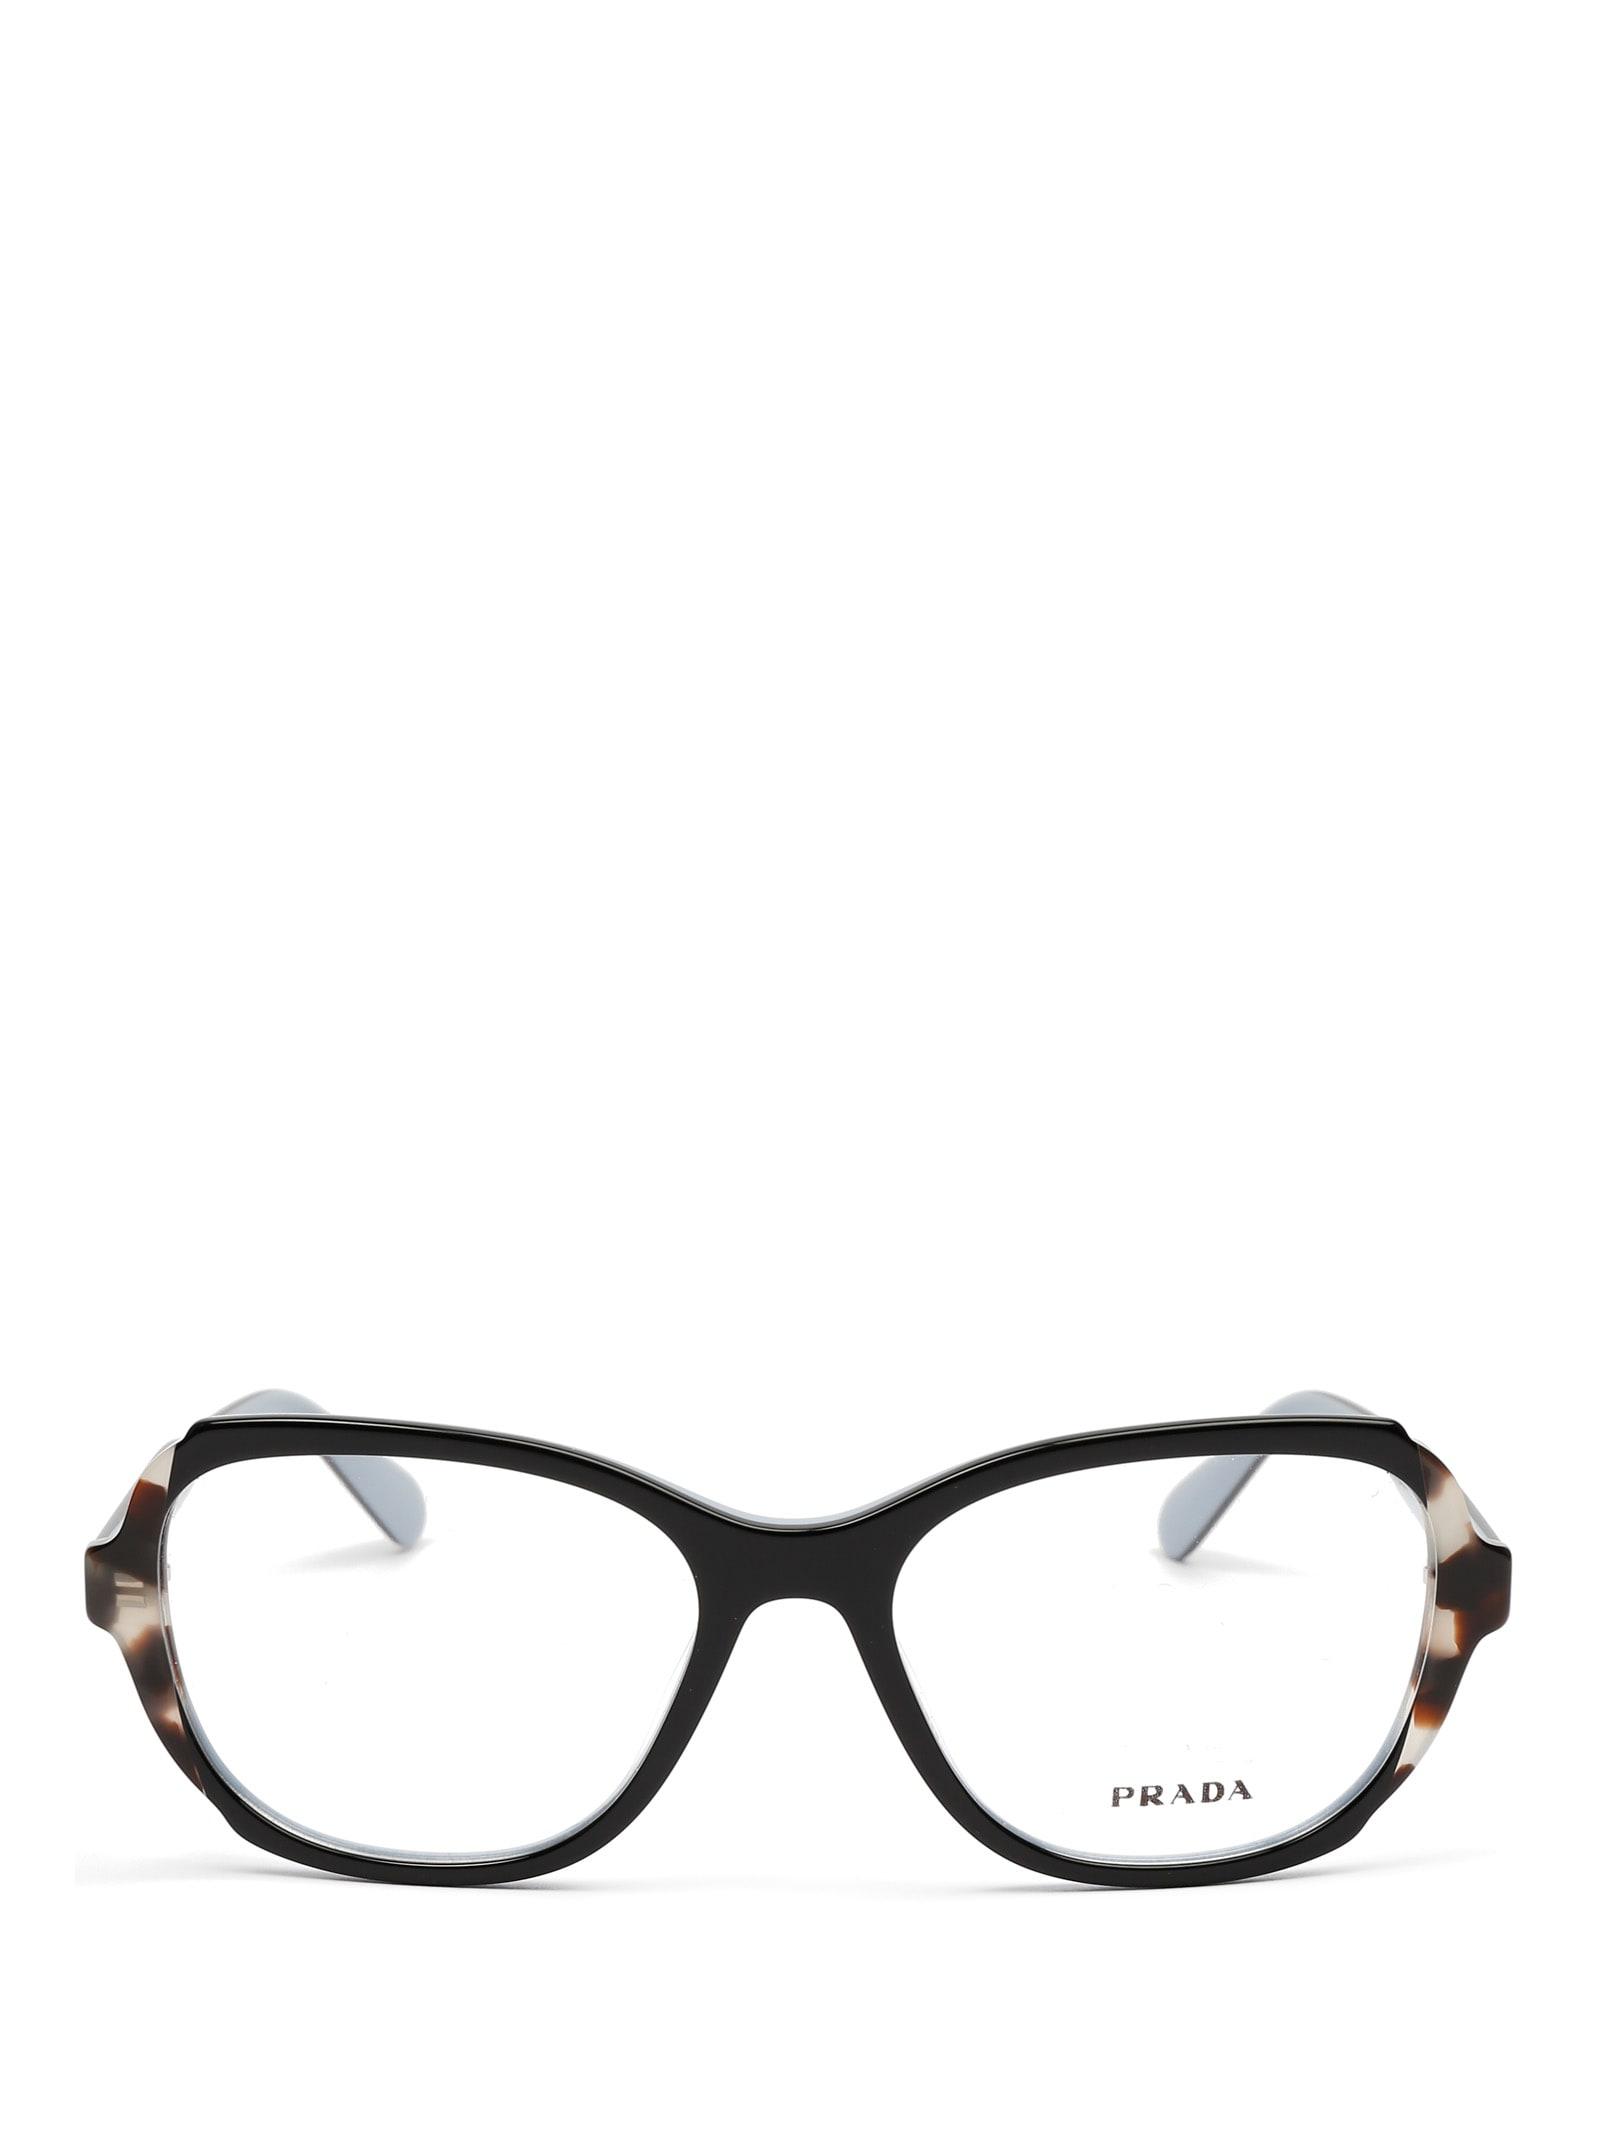 Prada Prada Pr 03vv Khr1o1 Glasses